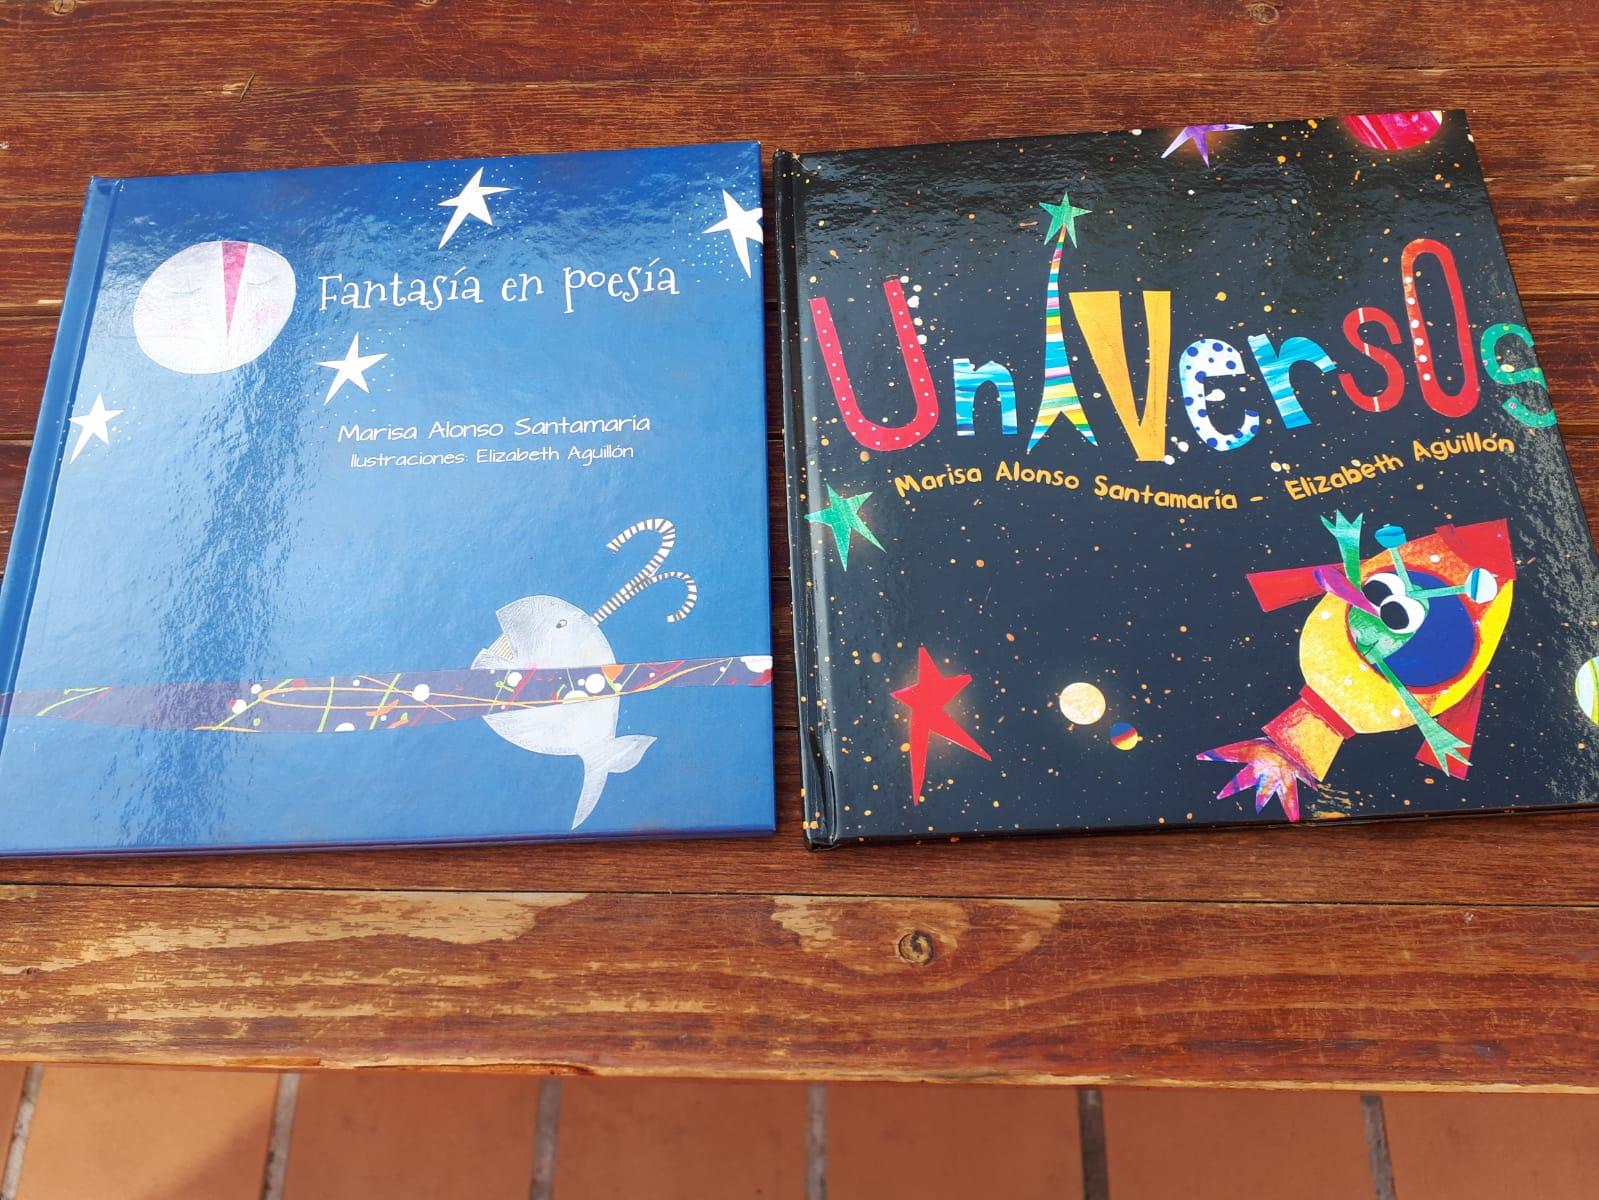 Fantasía en Poesía y UniVersos